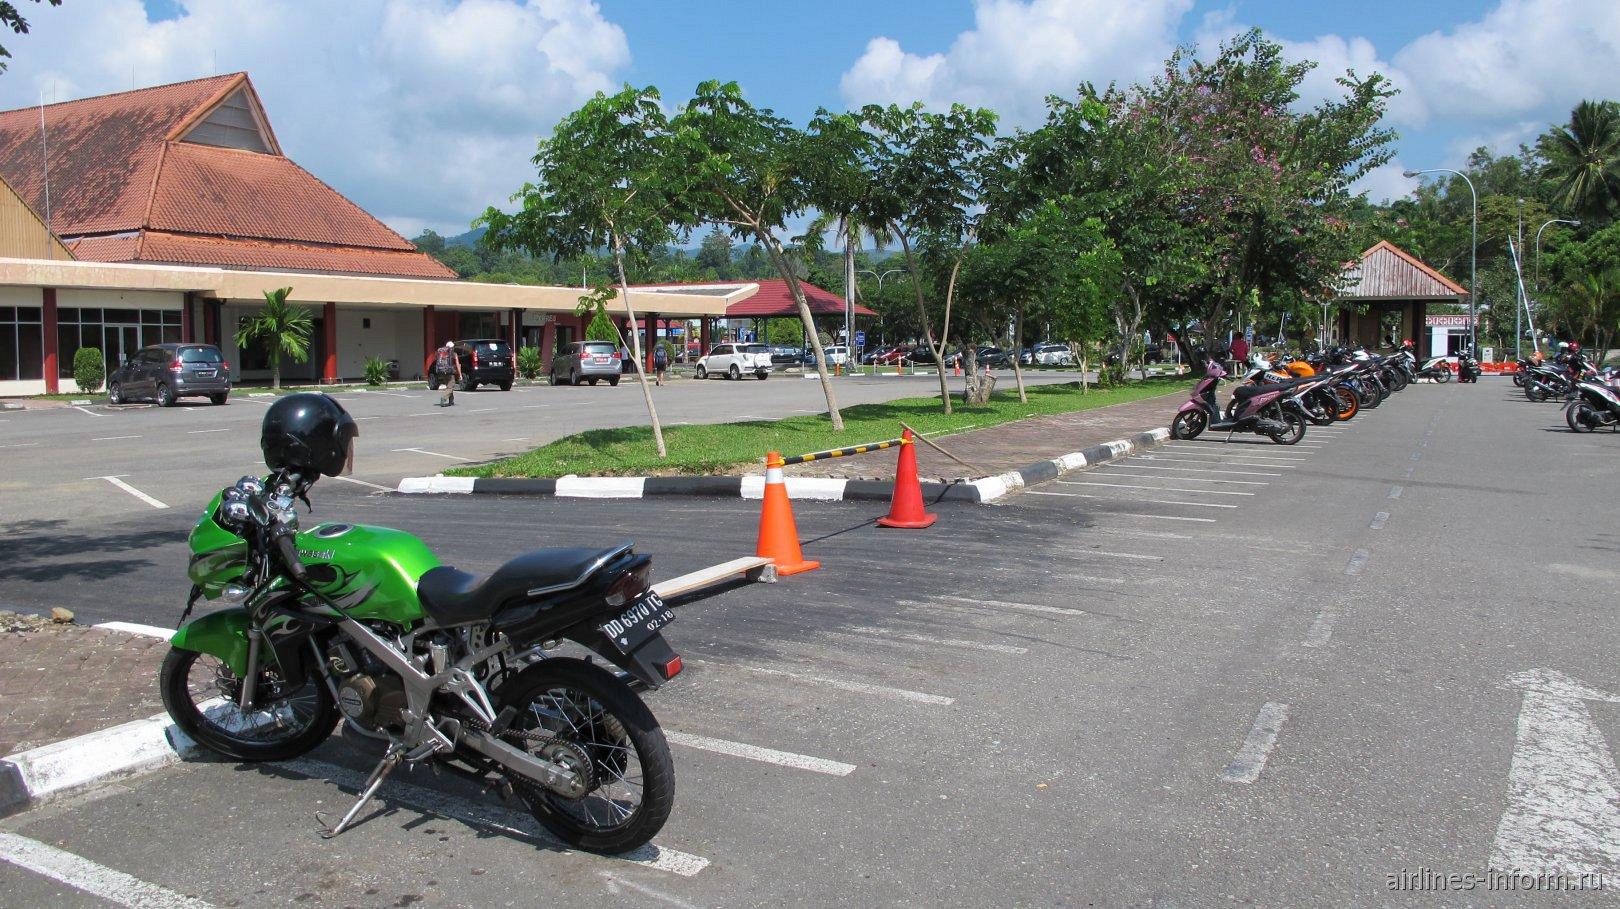 Парковка авто и мототранспорта в аэропорту Паттимура